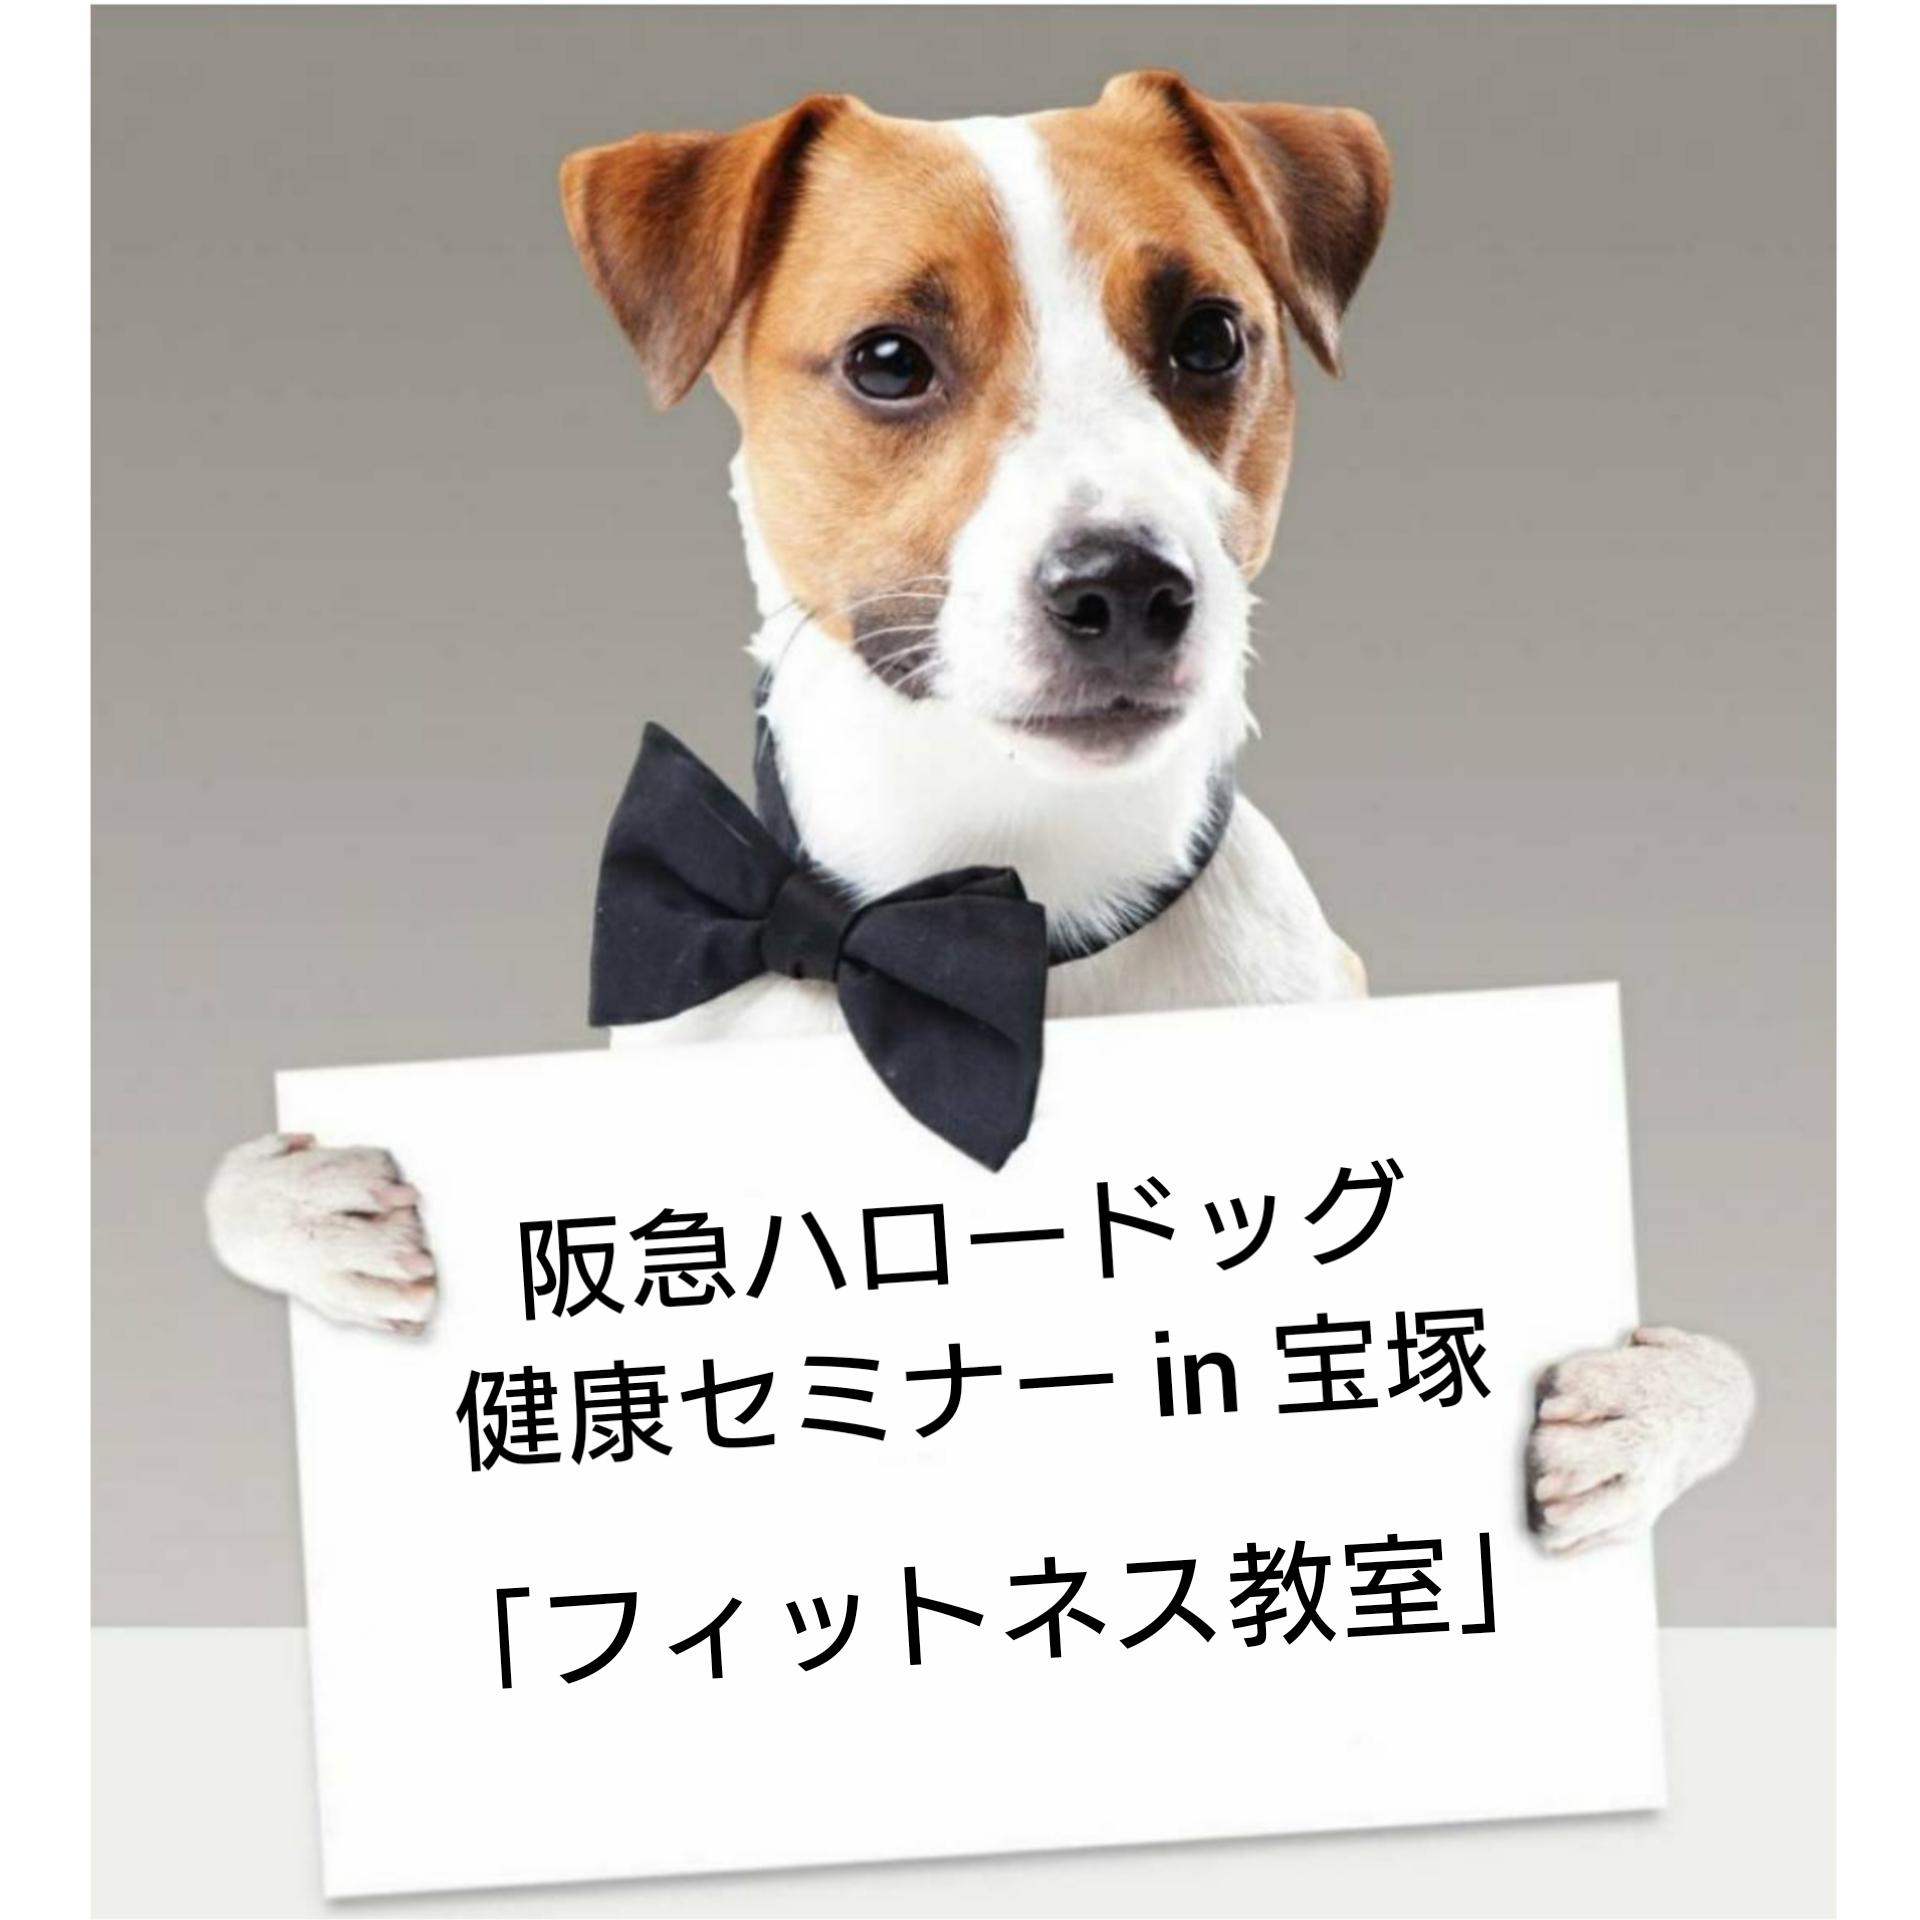 2021/1/16 宝塚 健康セミナー「フィットネス教室」